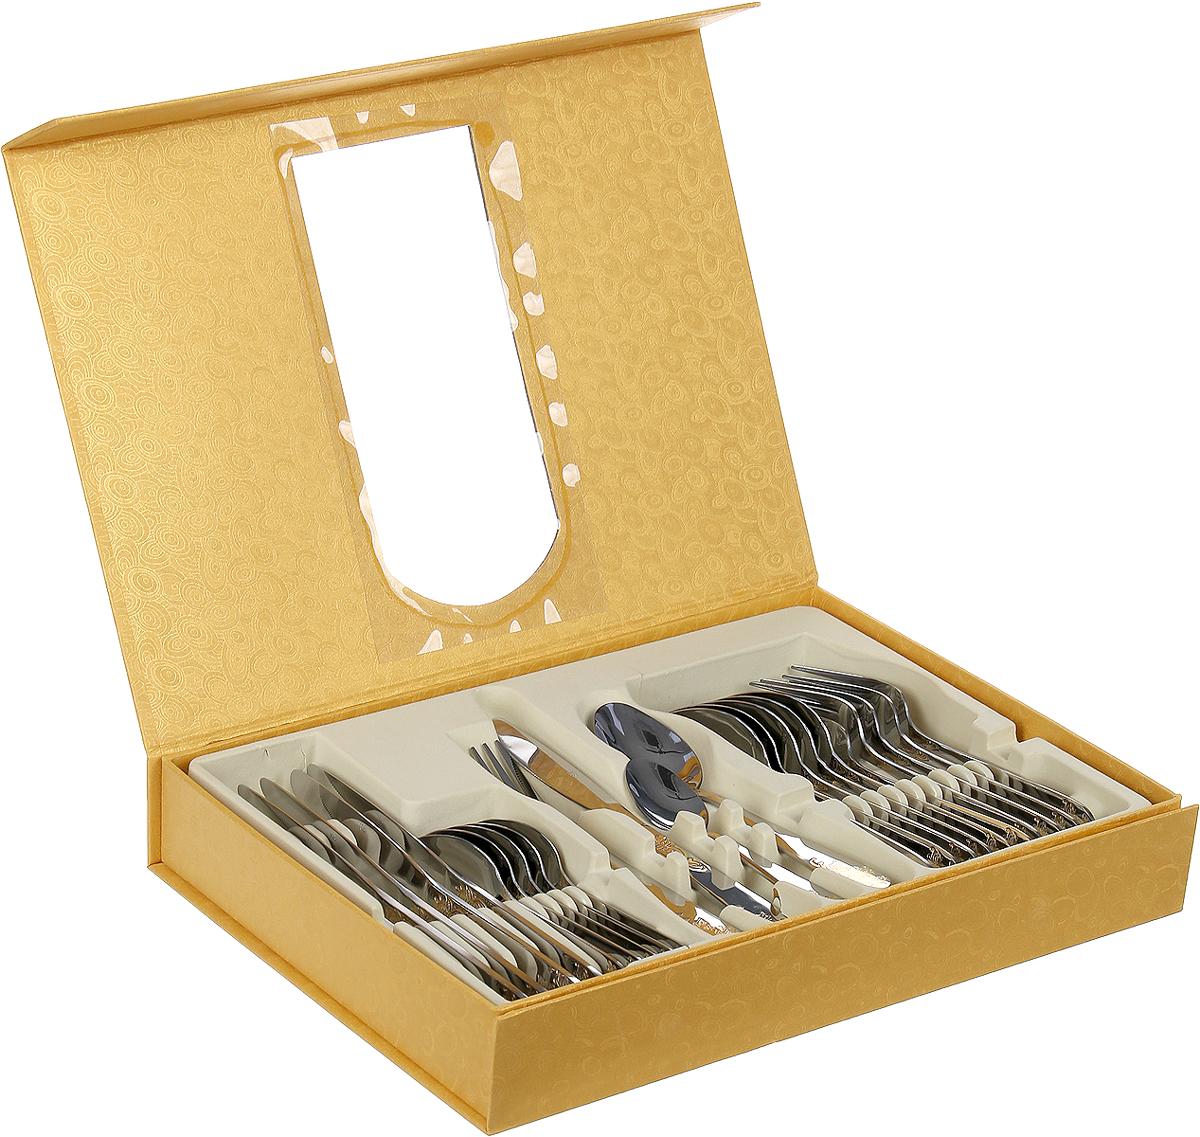 """Набор столовых приборов """"Mayer & Boch"""" на 6 персон включает в себя 24 предмета: 6 столовых ложек, 6 вилок, 6 ножей и 6 чайных ложек. Приборы изготовлены из высококачественной нержавеющей стали, ручки приборов имеют глянцевую полировку и декорированы изящным золотым орнаментом. Благодаря качественной полировке изделия сохраняют прекрасный внешний вид на долгое время. Набор обладает не только оригинальным дизайном, но и практичностью, так как изделия из качественной нержавеющей стали имеют высокую прочность, устойчивость к коррозии, кроме того, нержавеющая сталь экологична, она не меняет вкусовые свойства еды, потому как не вступает в реакцию с ее компонентами. Упакованный в красочную подарочную коробку такой набор безусловно станет прекрасным подарком для любой хозяйки и украсит ваш праздничный стол."""